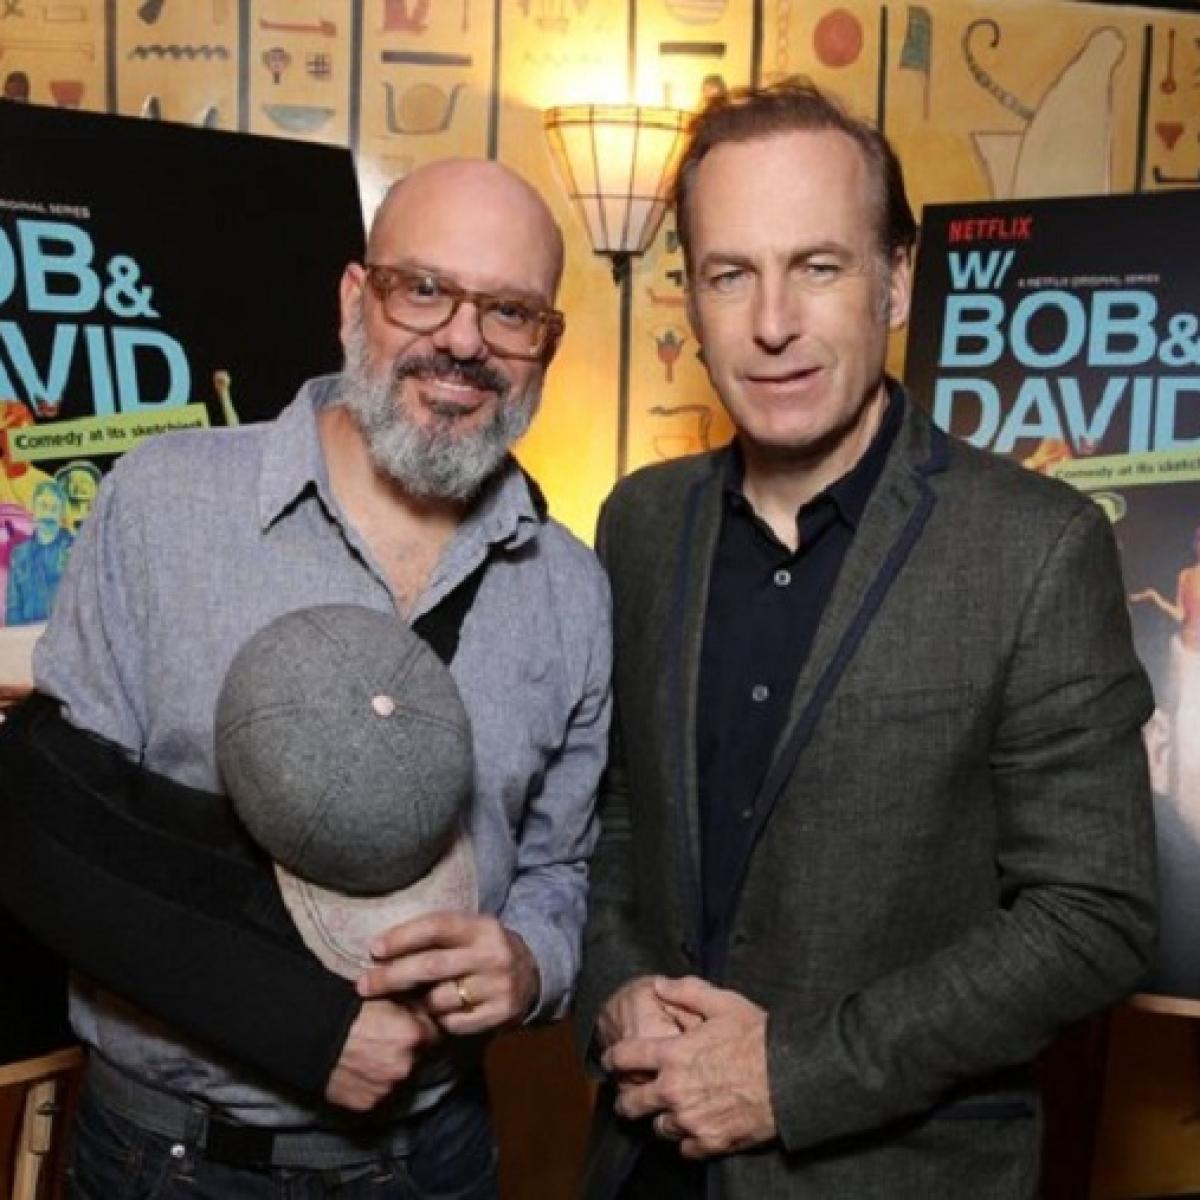 Netflix pulls 'W/Bob & David' episode over blackface sketch